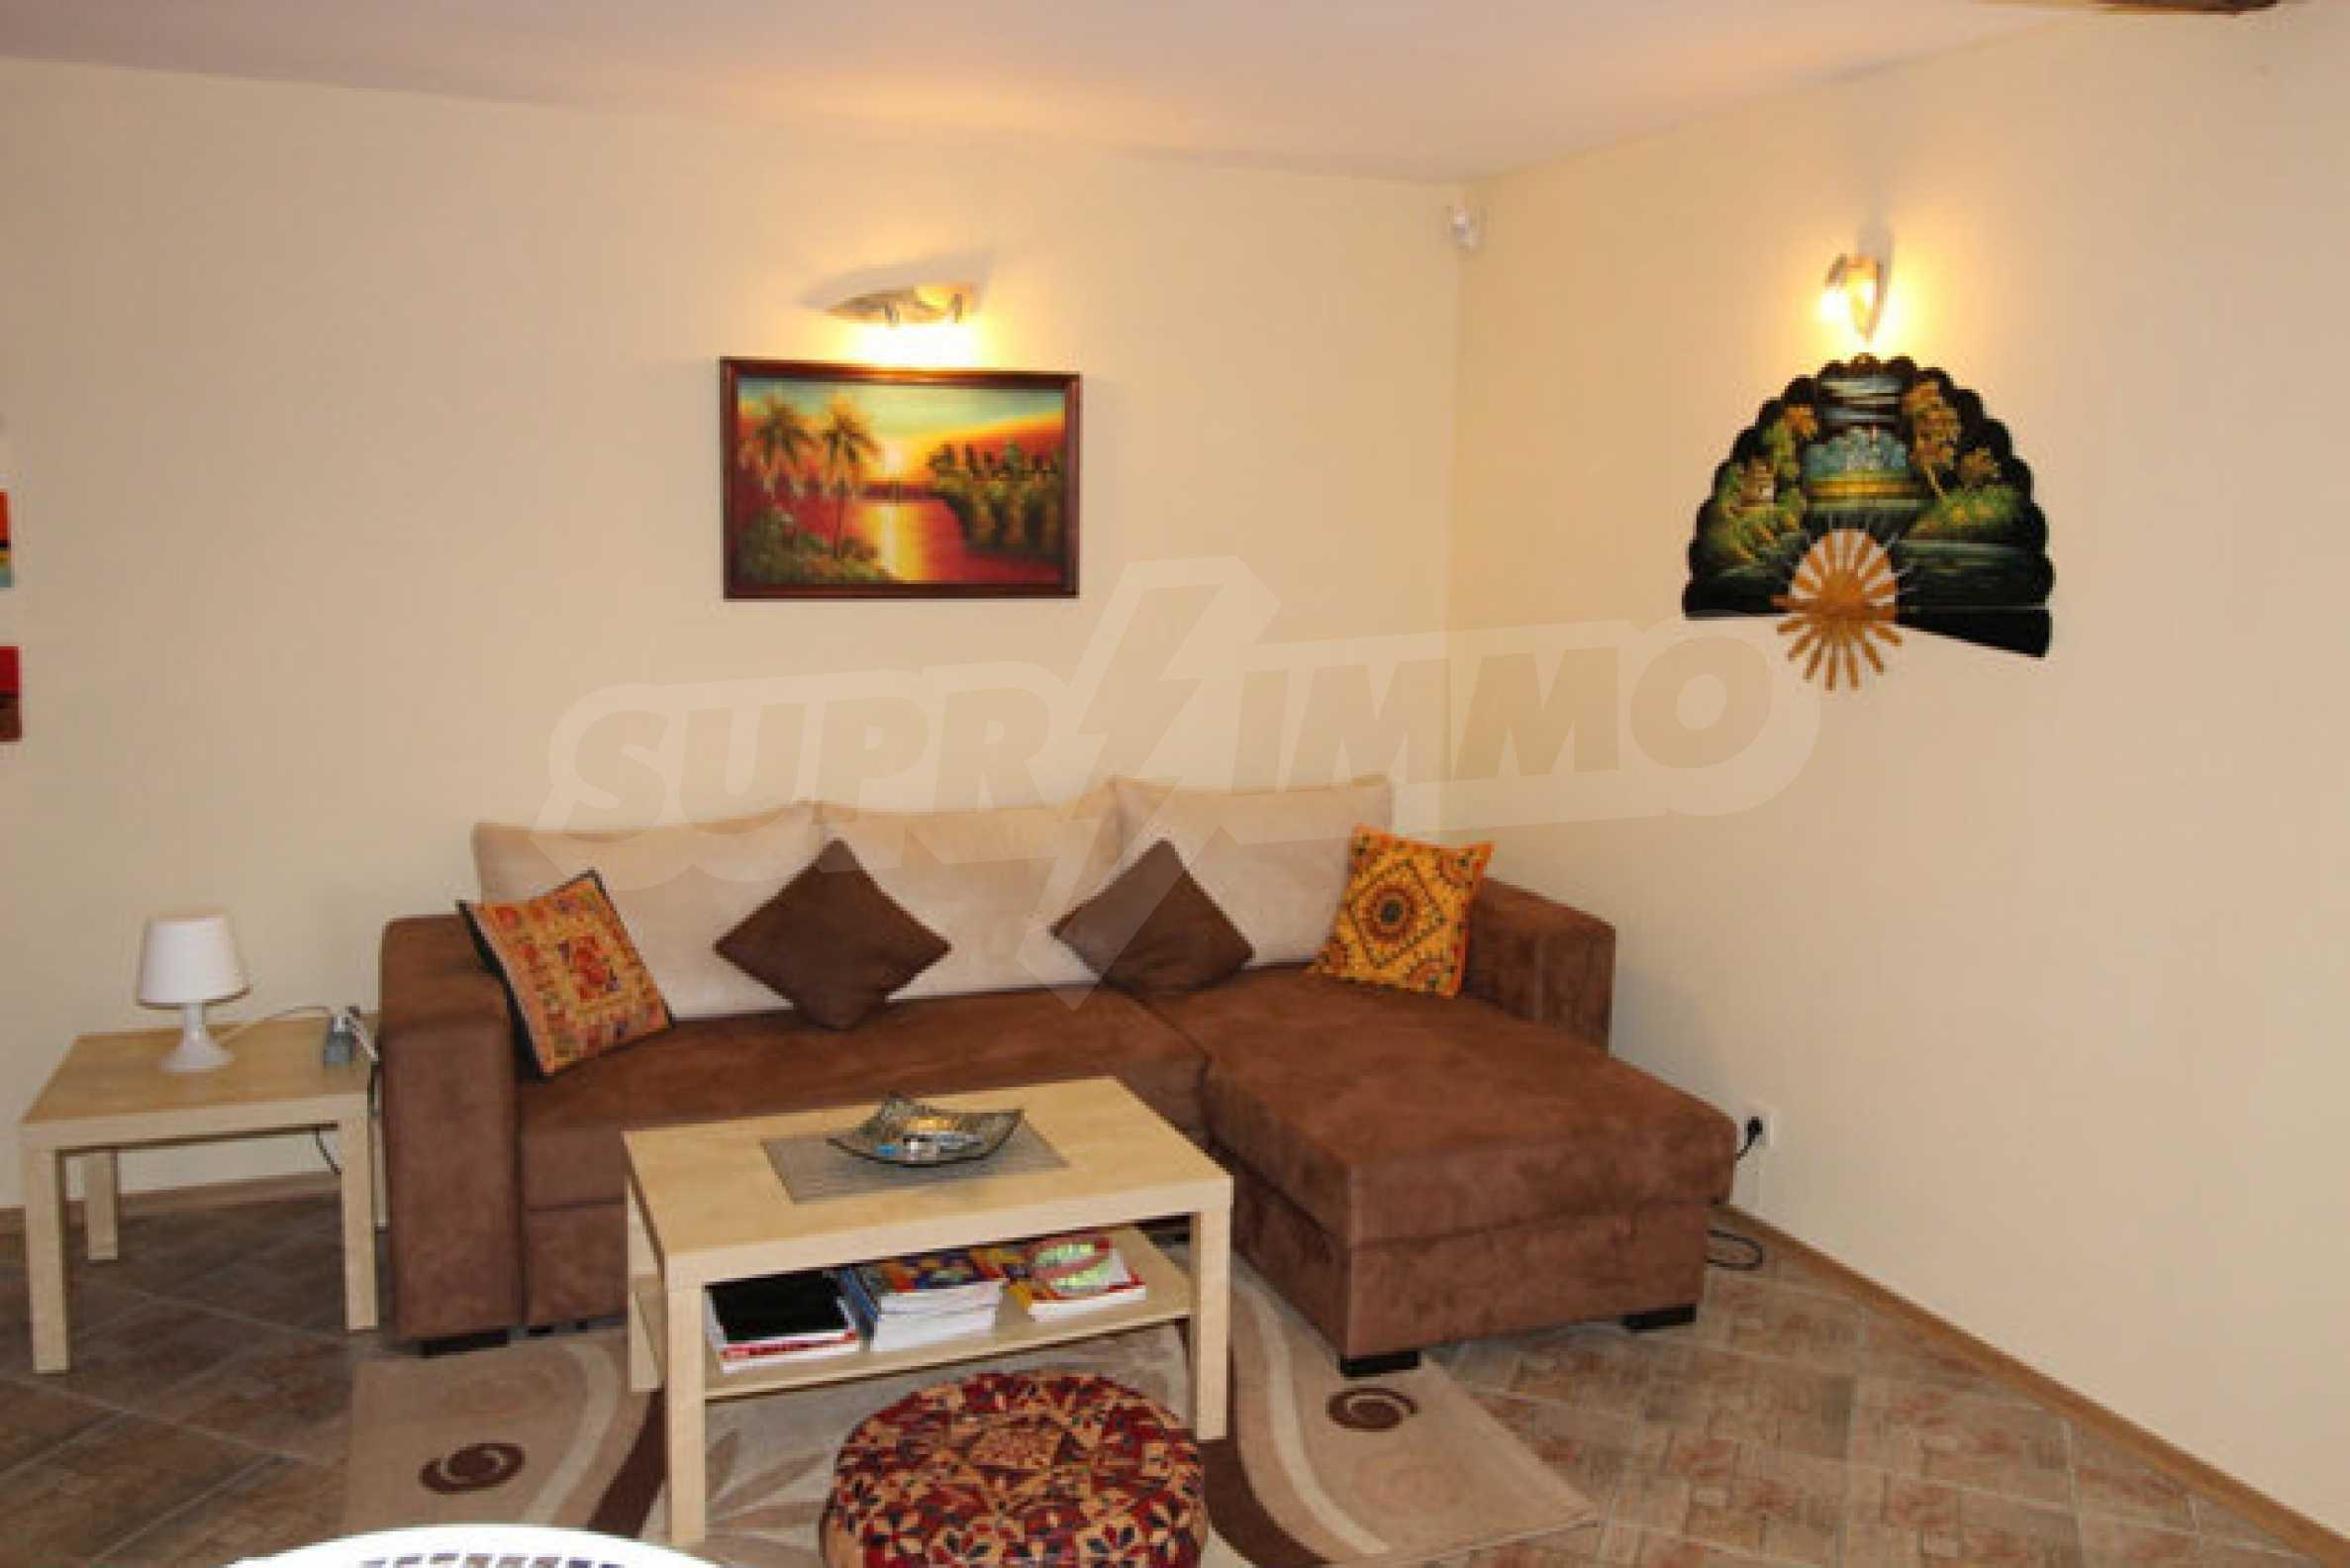 Реновирана двуетажна къща с двор само на 13 км от град Ловеч 32